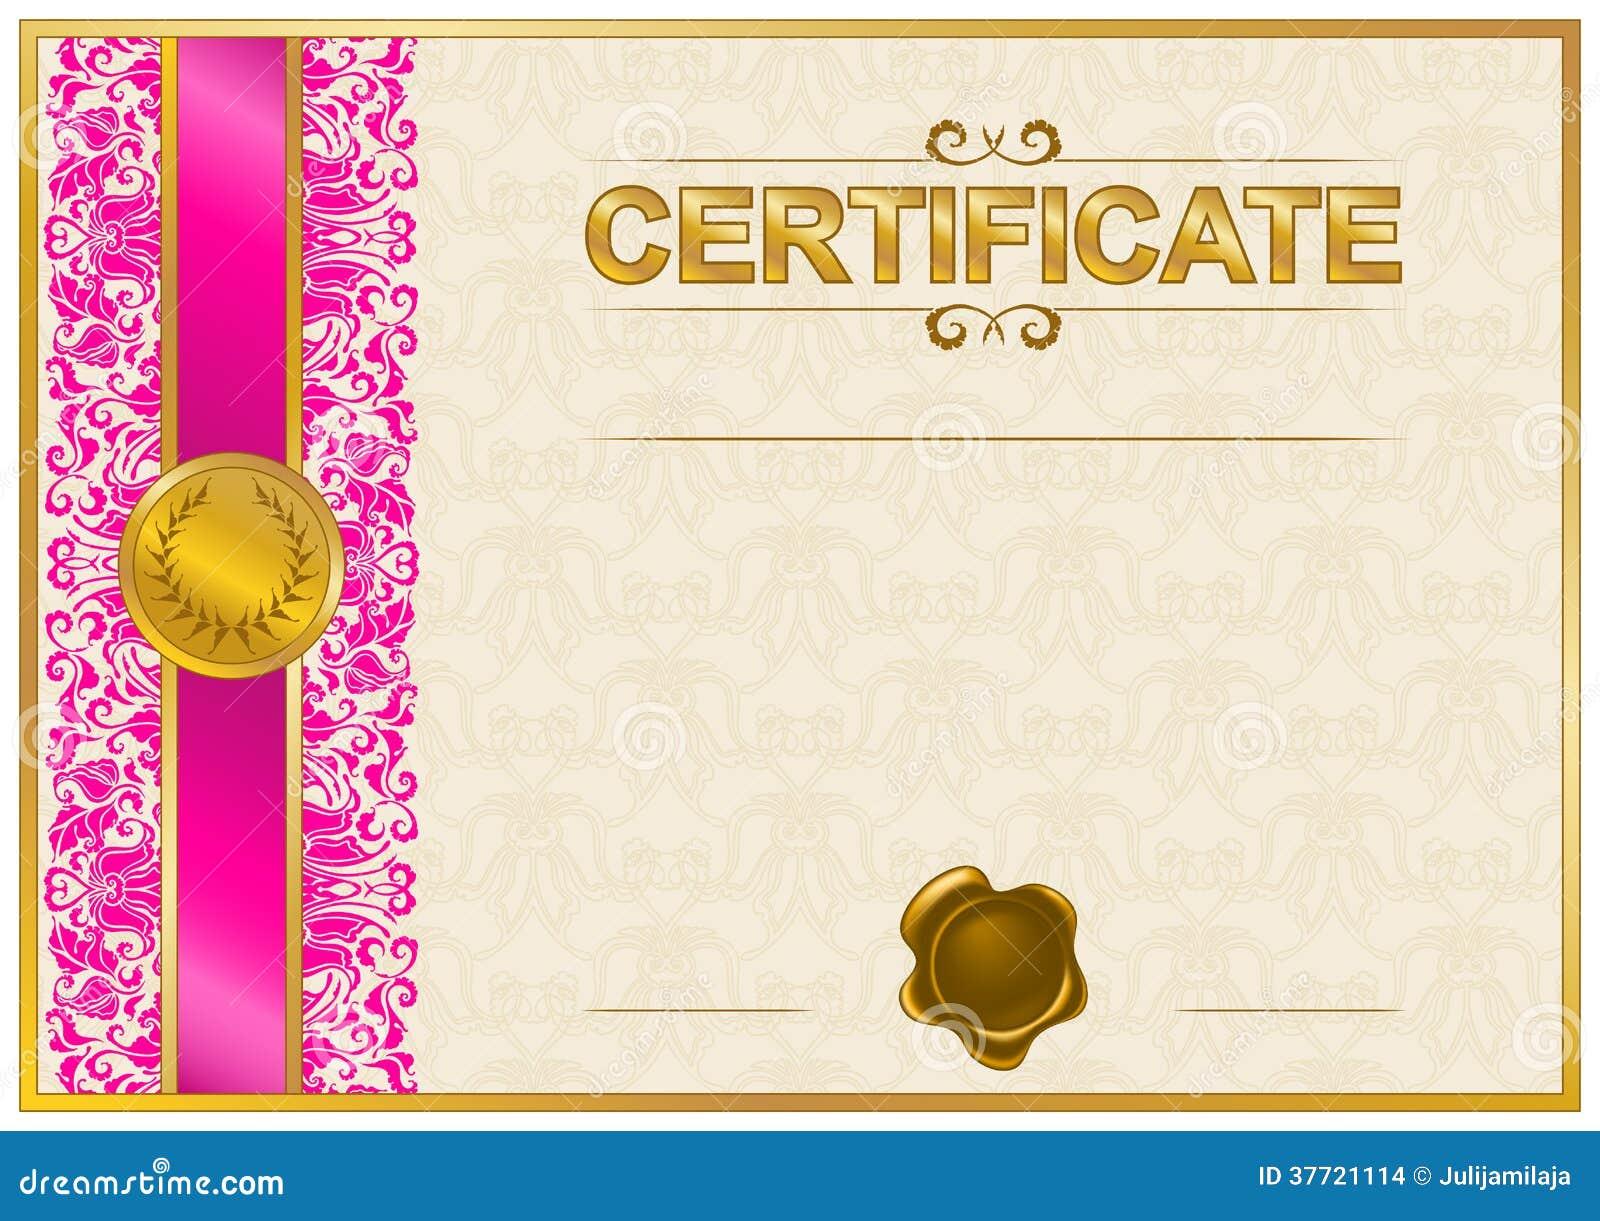 free fake degree certificates download